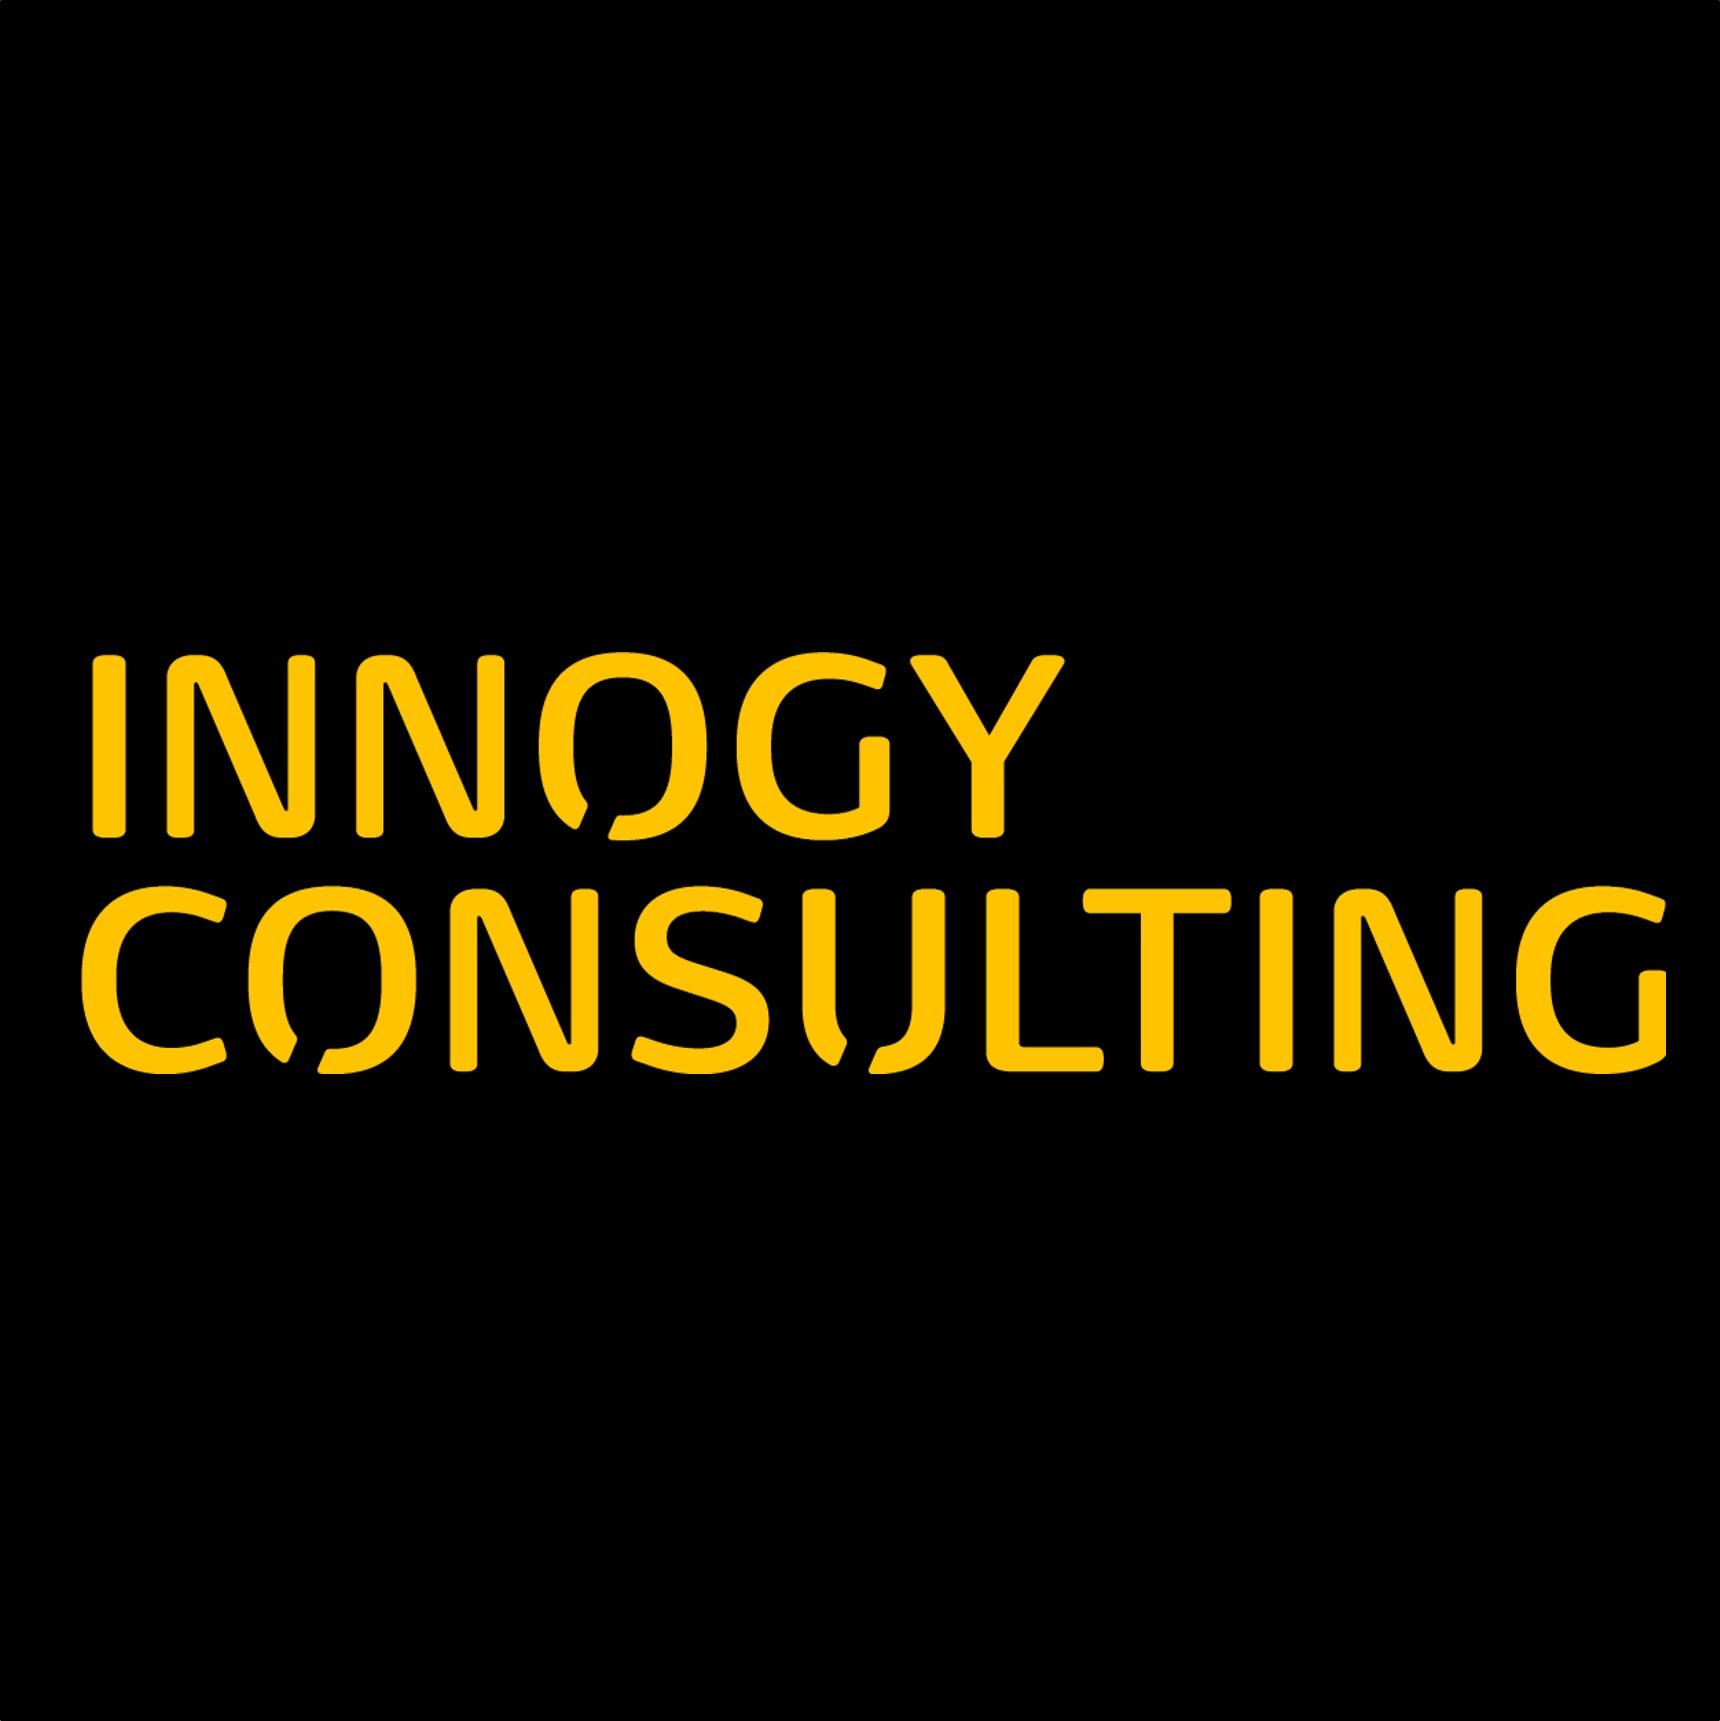 innogy Consulting GmbHLogo Image